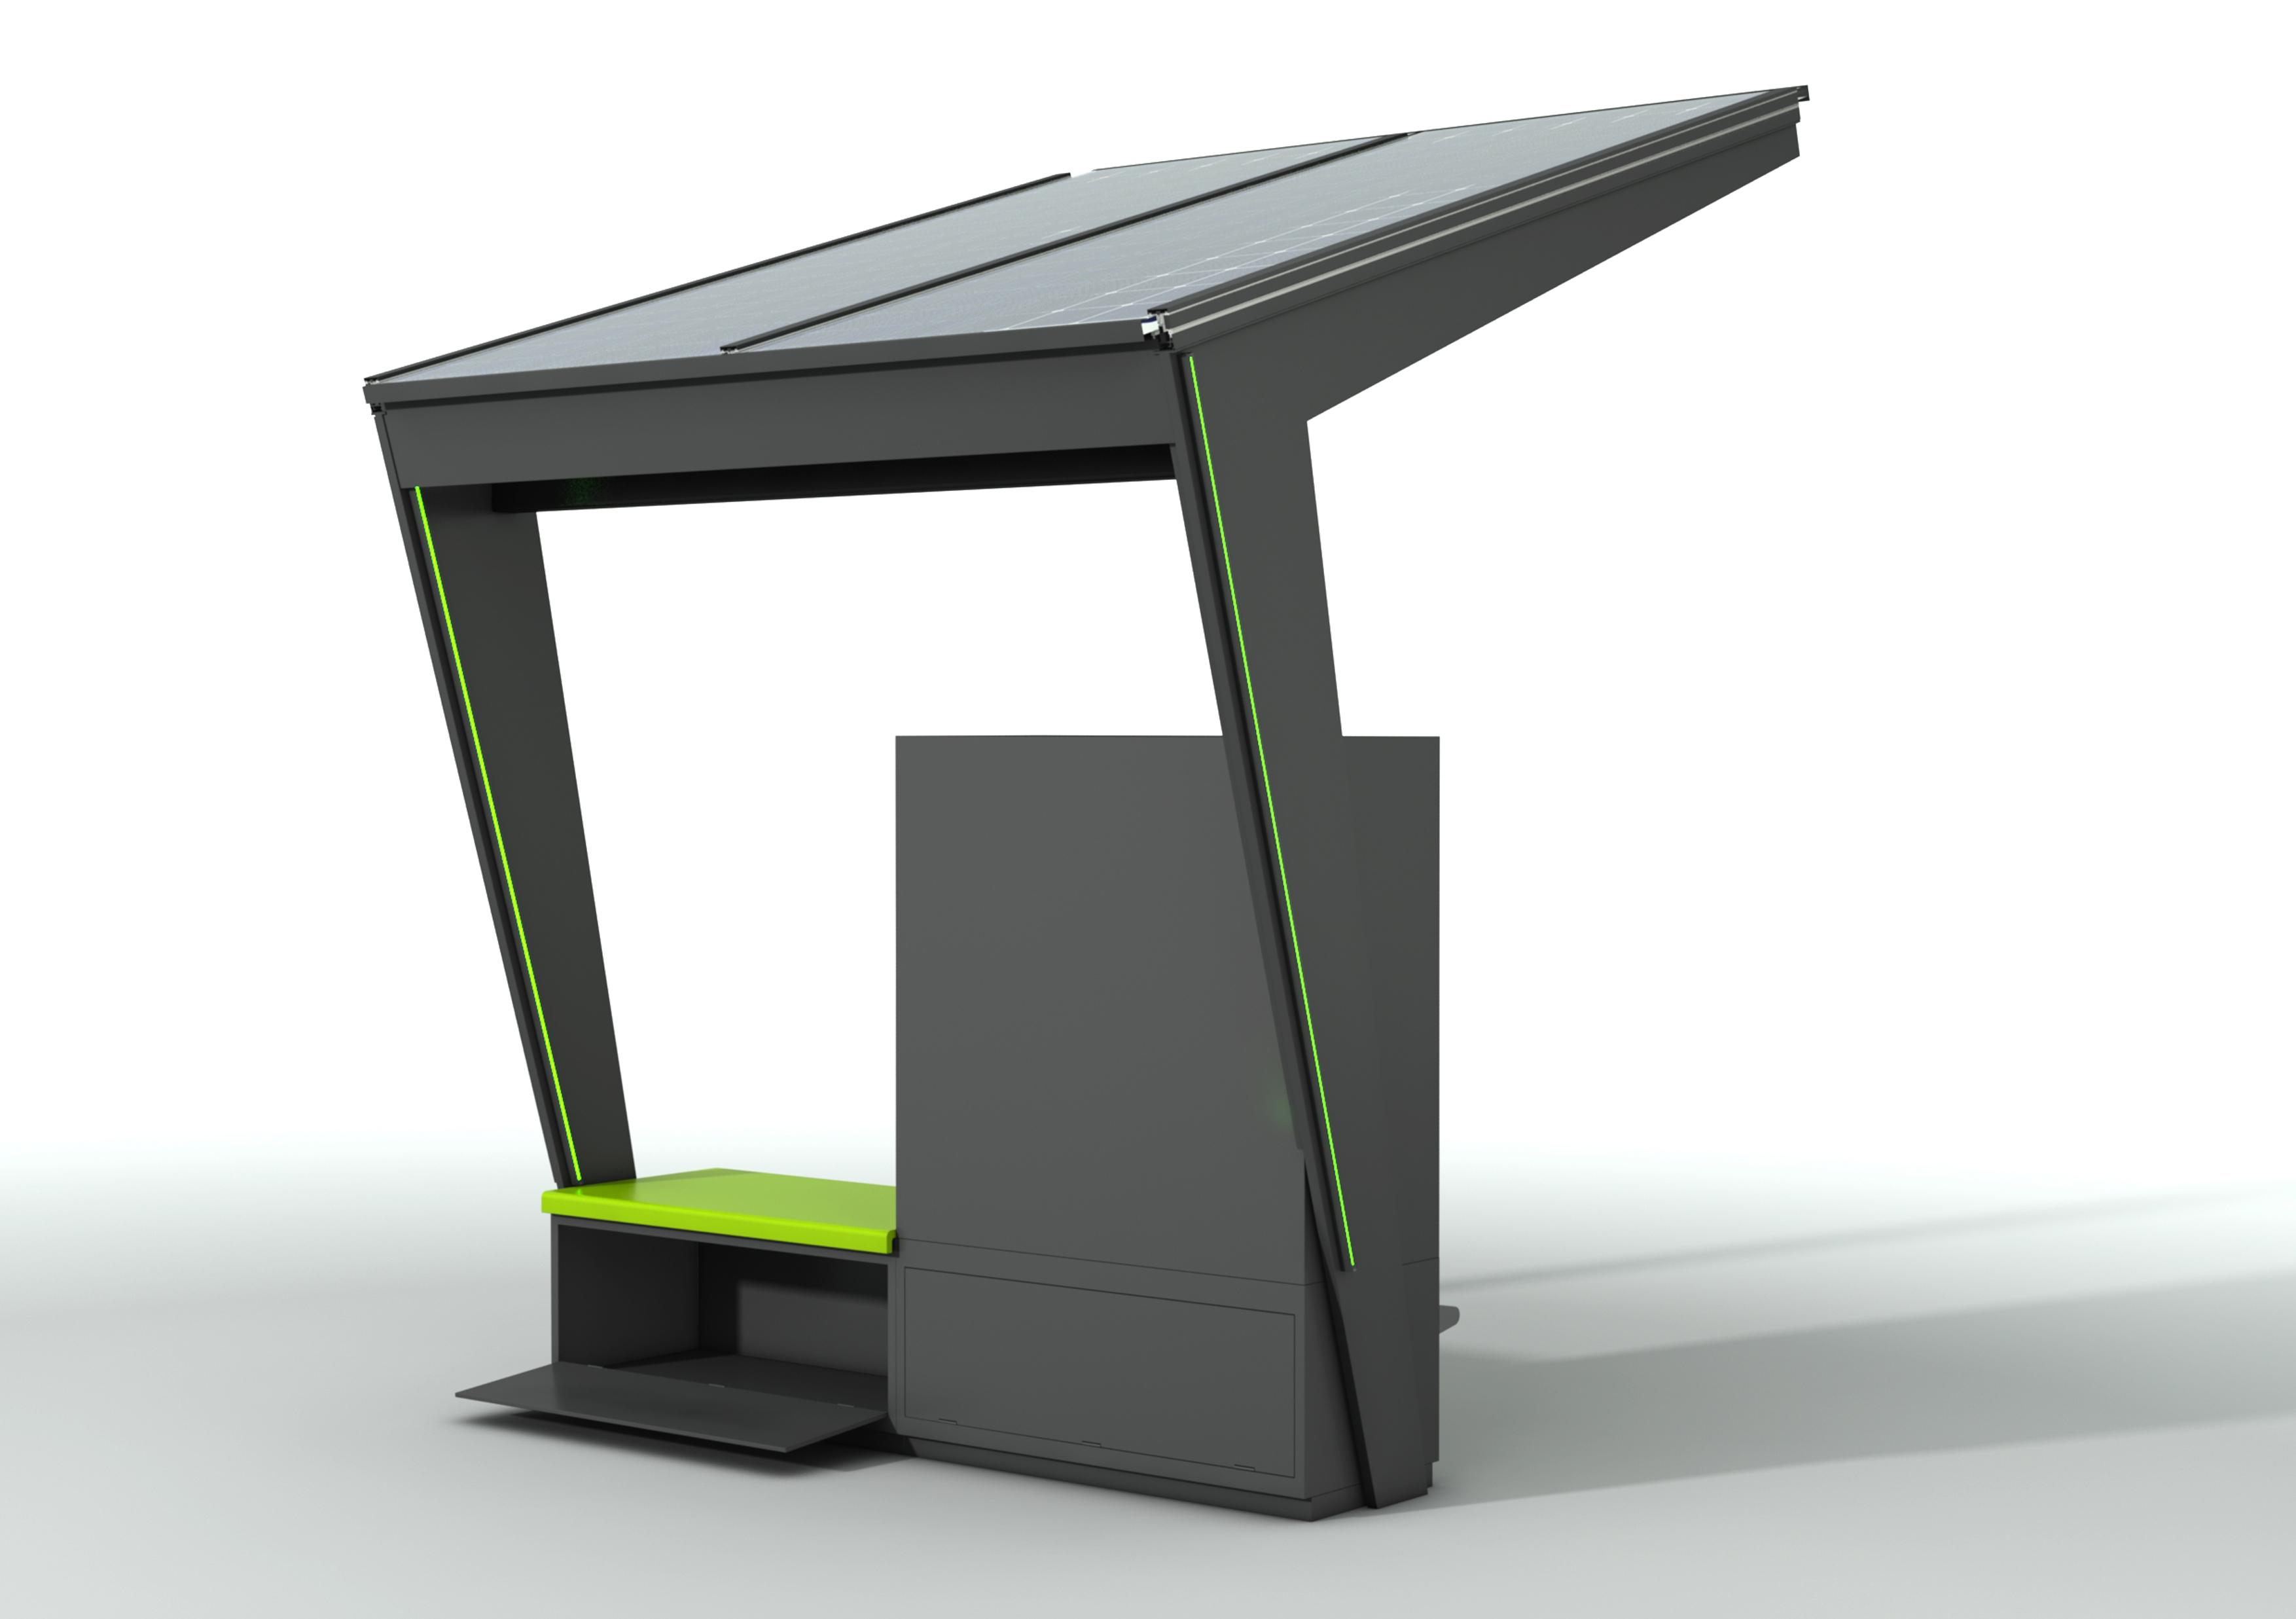 Station-i mit Schließfächer von hinten und offener Bank